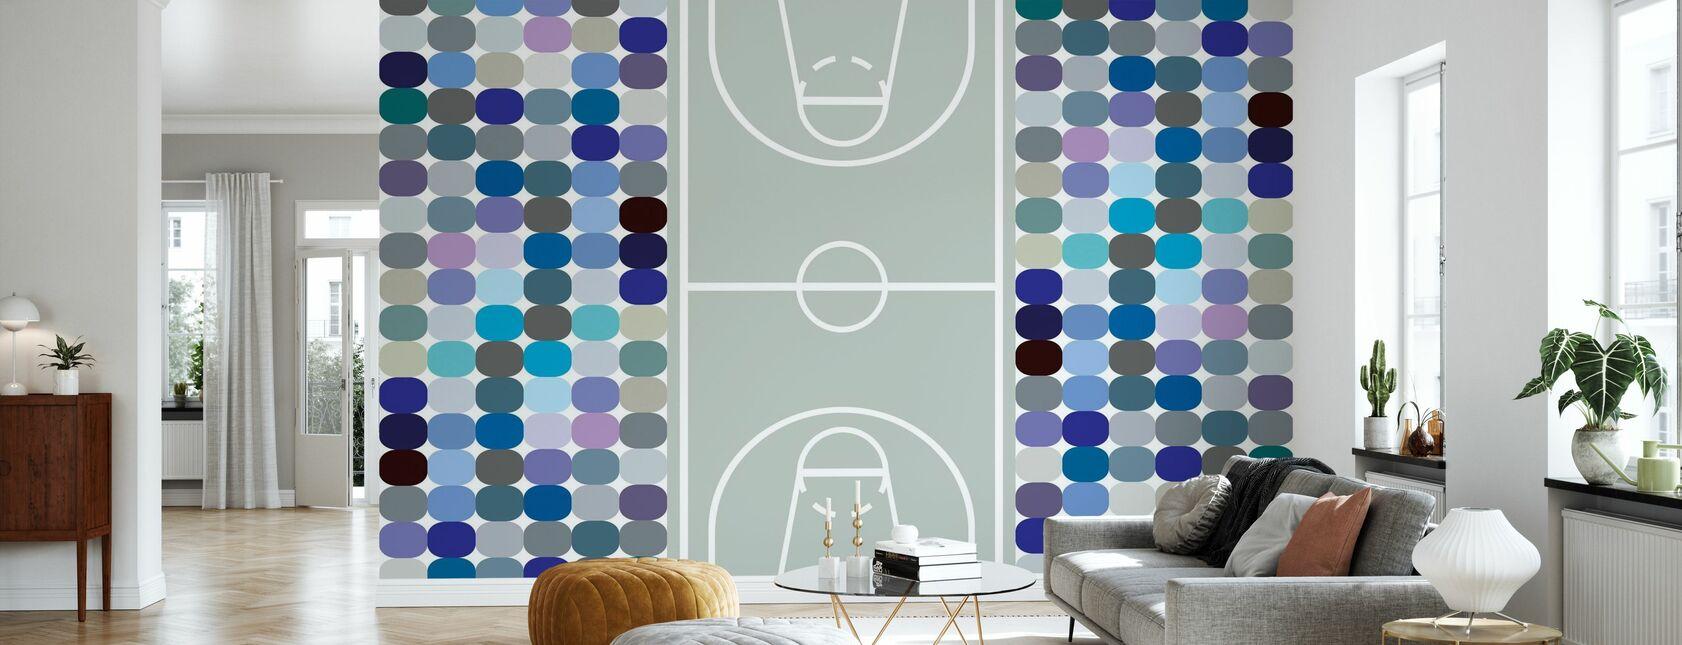 Basketball - Papier peint - Salle à manger